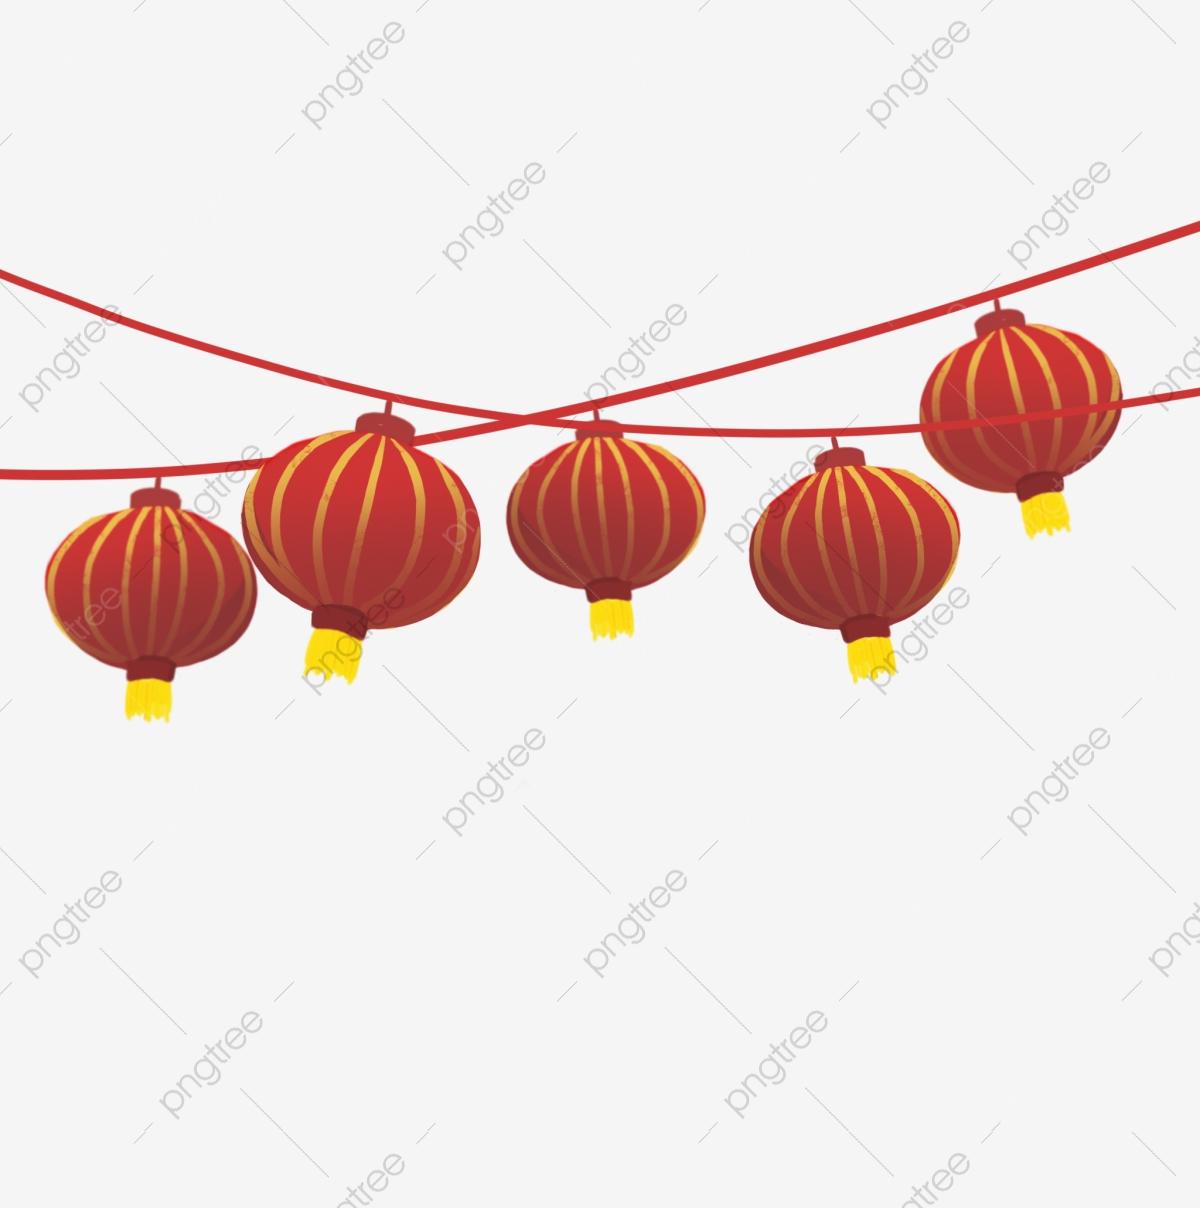 Lantern, Colored Lanterns, Chinese Lanterns PNG Transparent.